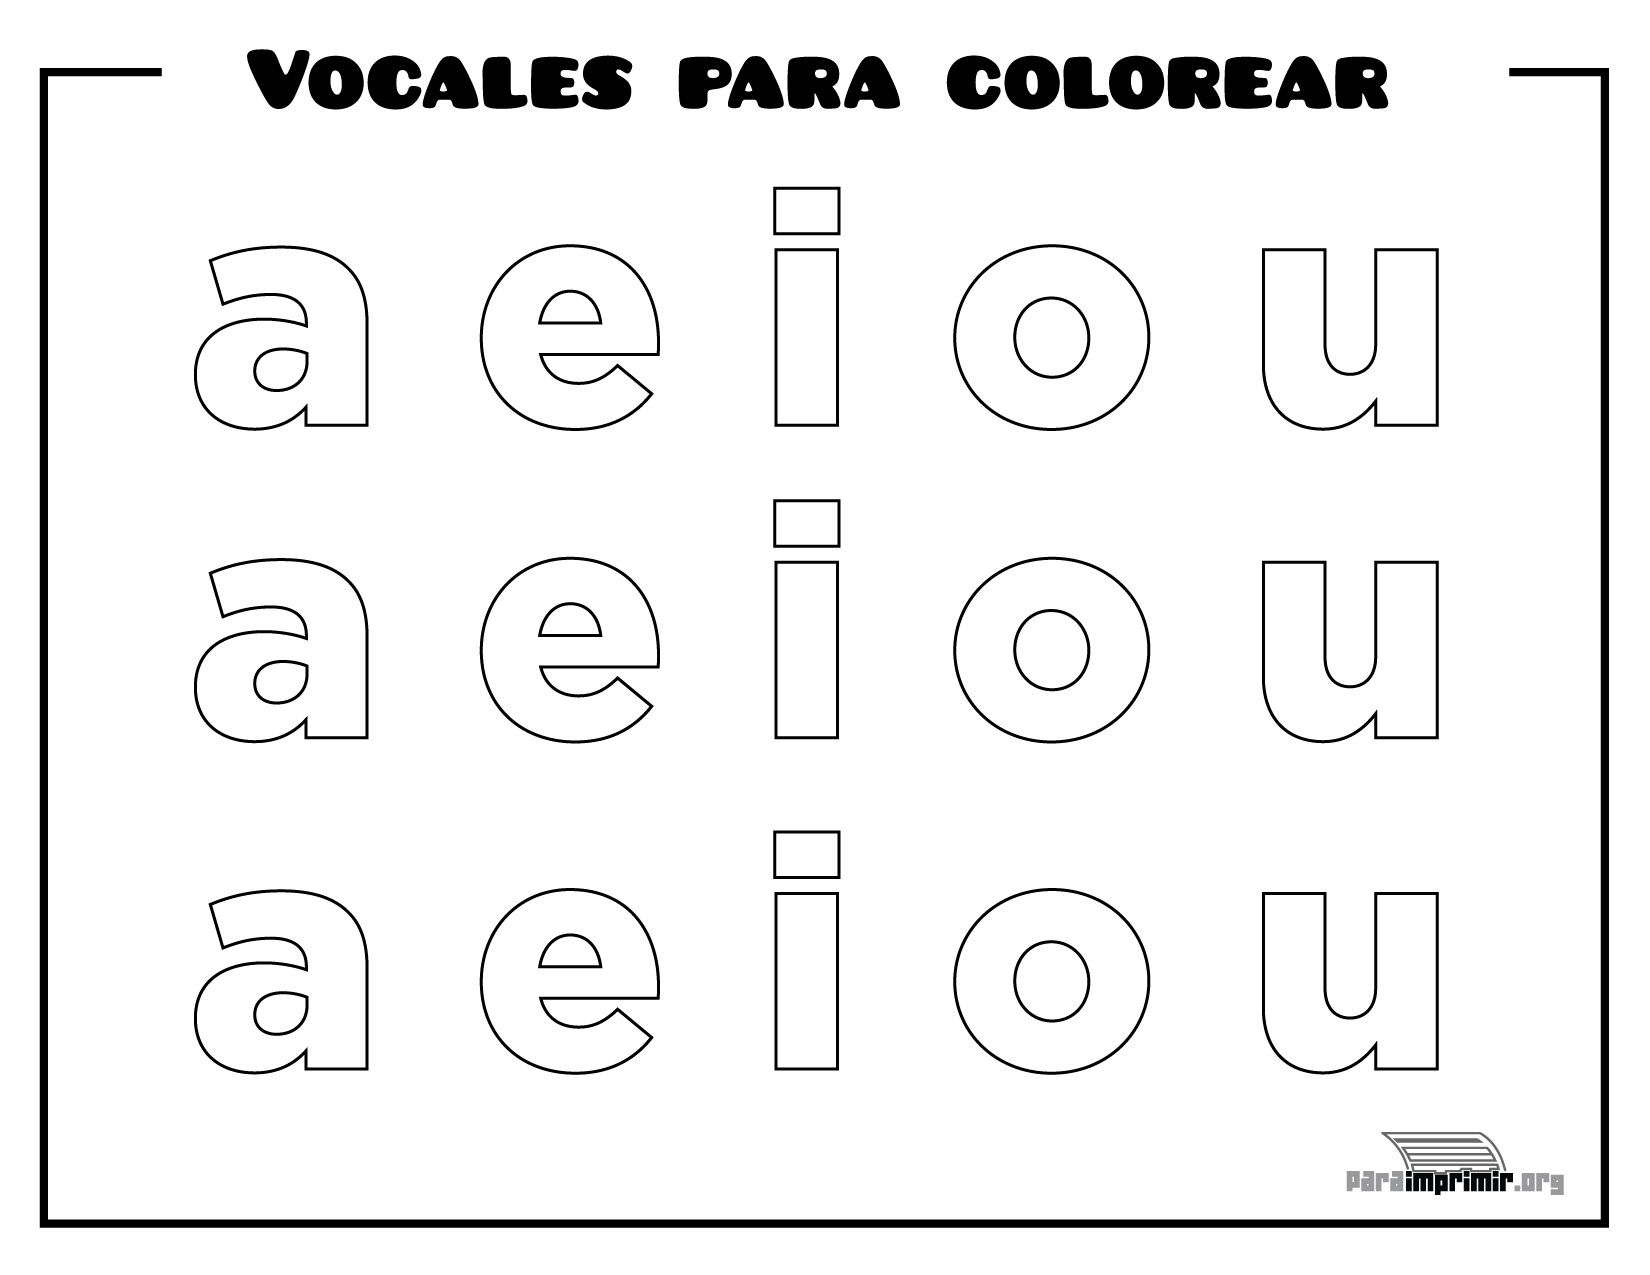 Vocales para colorear y para imprimir | preescolar | Pinterest ...